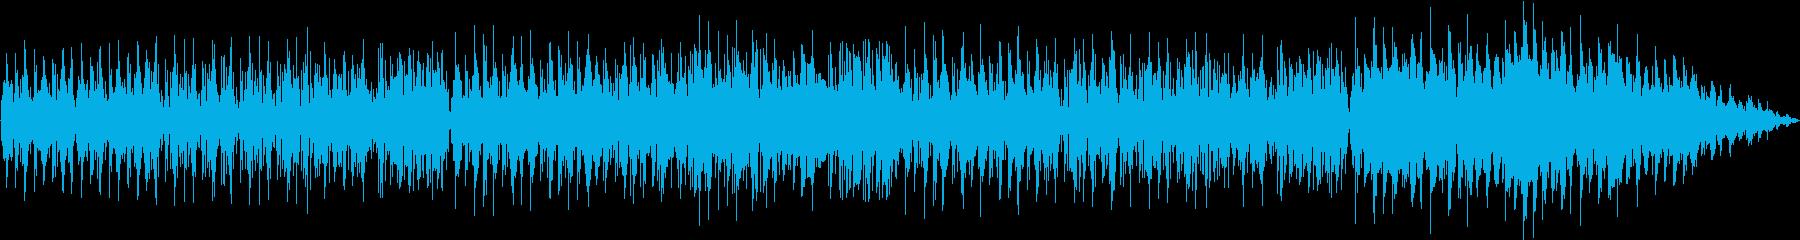 ナイロンギター・ブラジリアンジャズの再生済みの波形